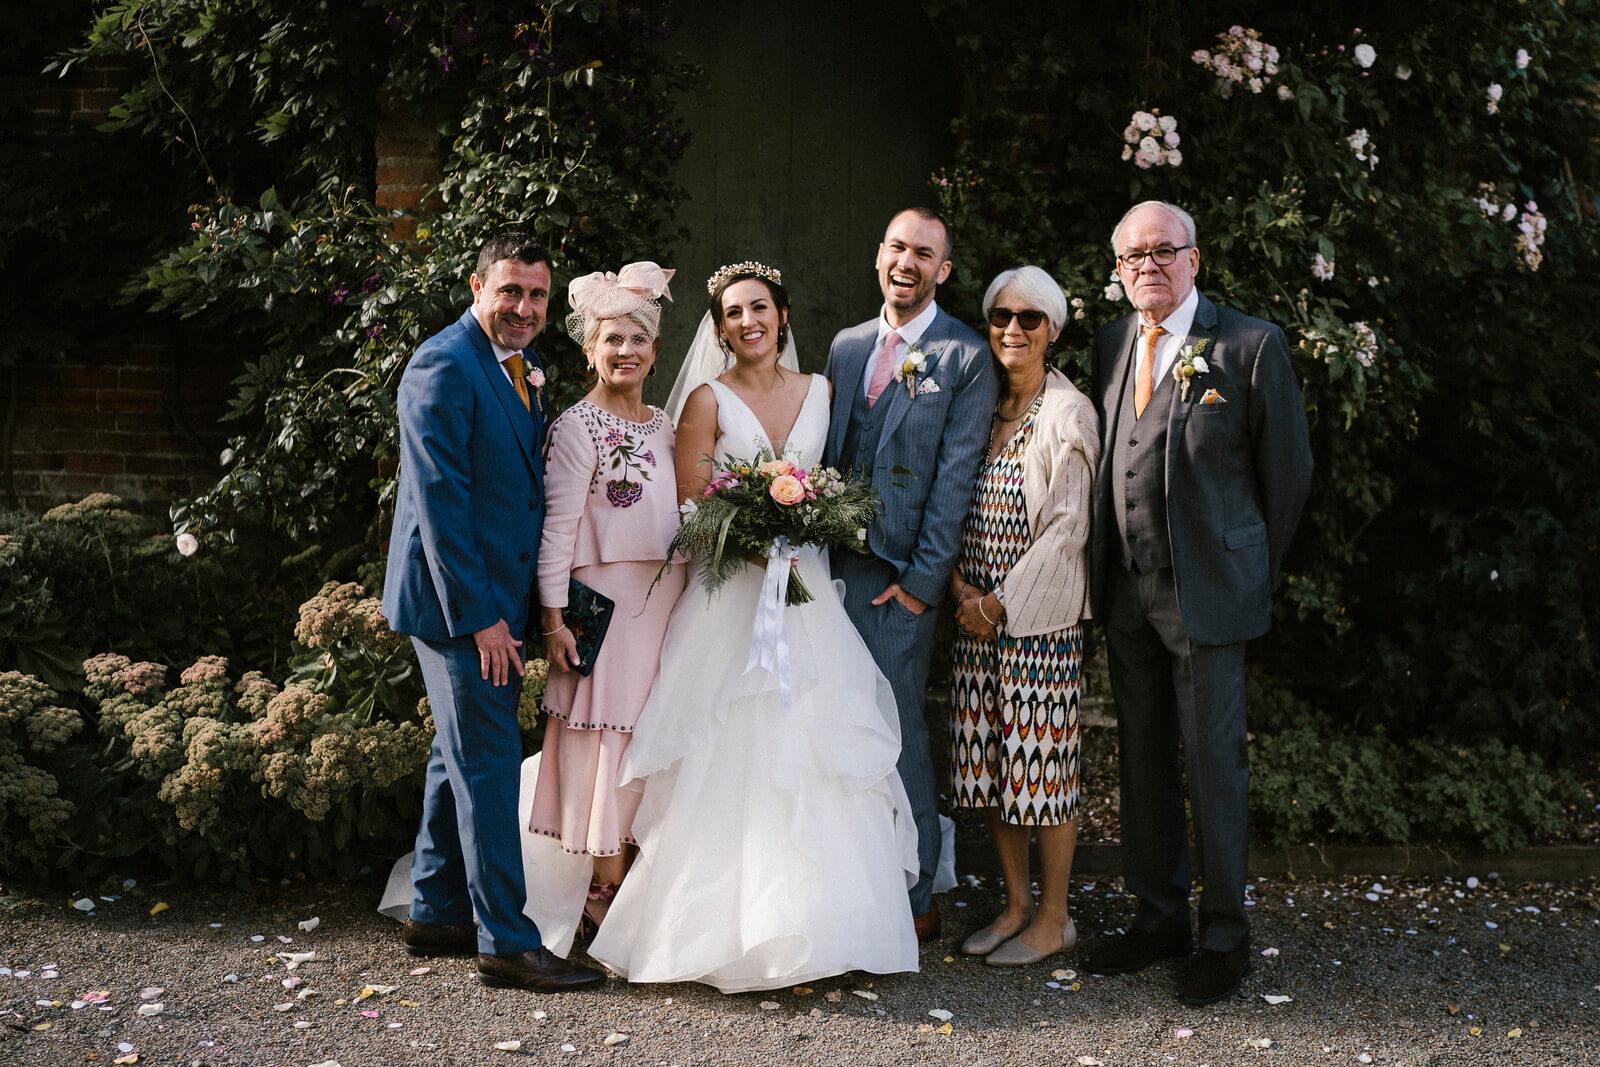 wedding-photographer-and-videographer-Garthmy-Hall-09